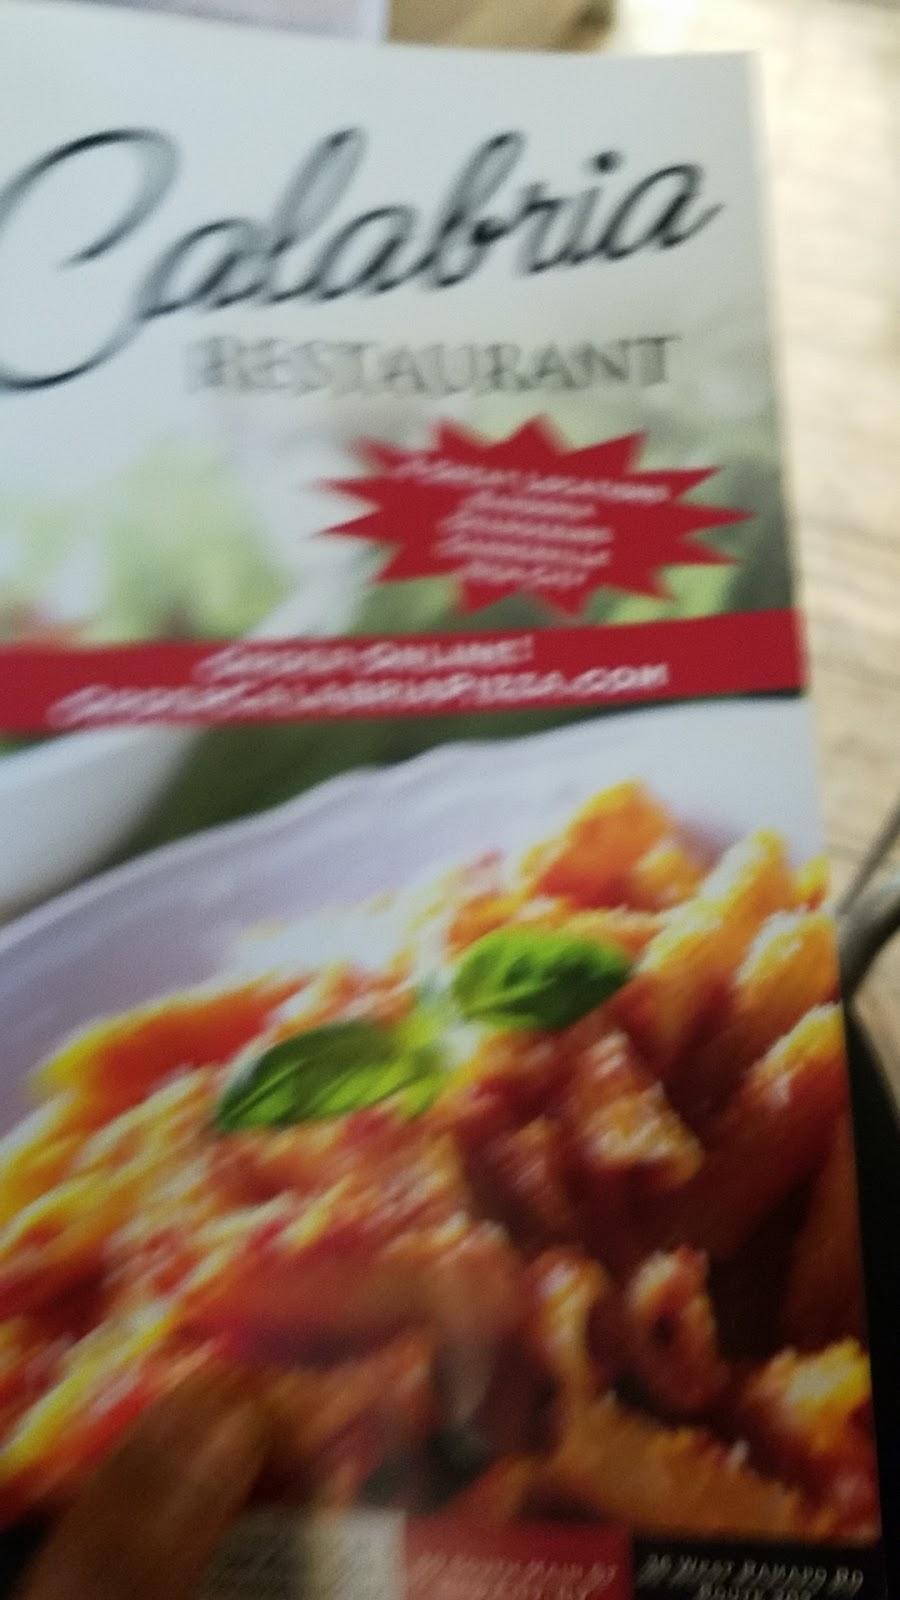 Just-A-Buck - store    Photo 2 of 2   Address: 26 W Ramapo Rd, Garnerville, NY 10923, USA   Phone: (845) 942-5800